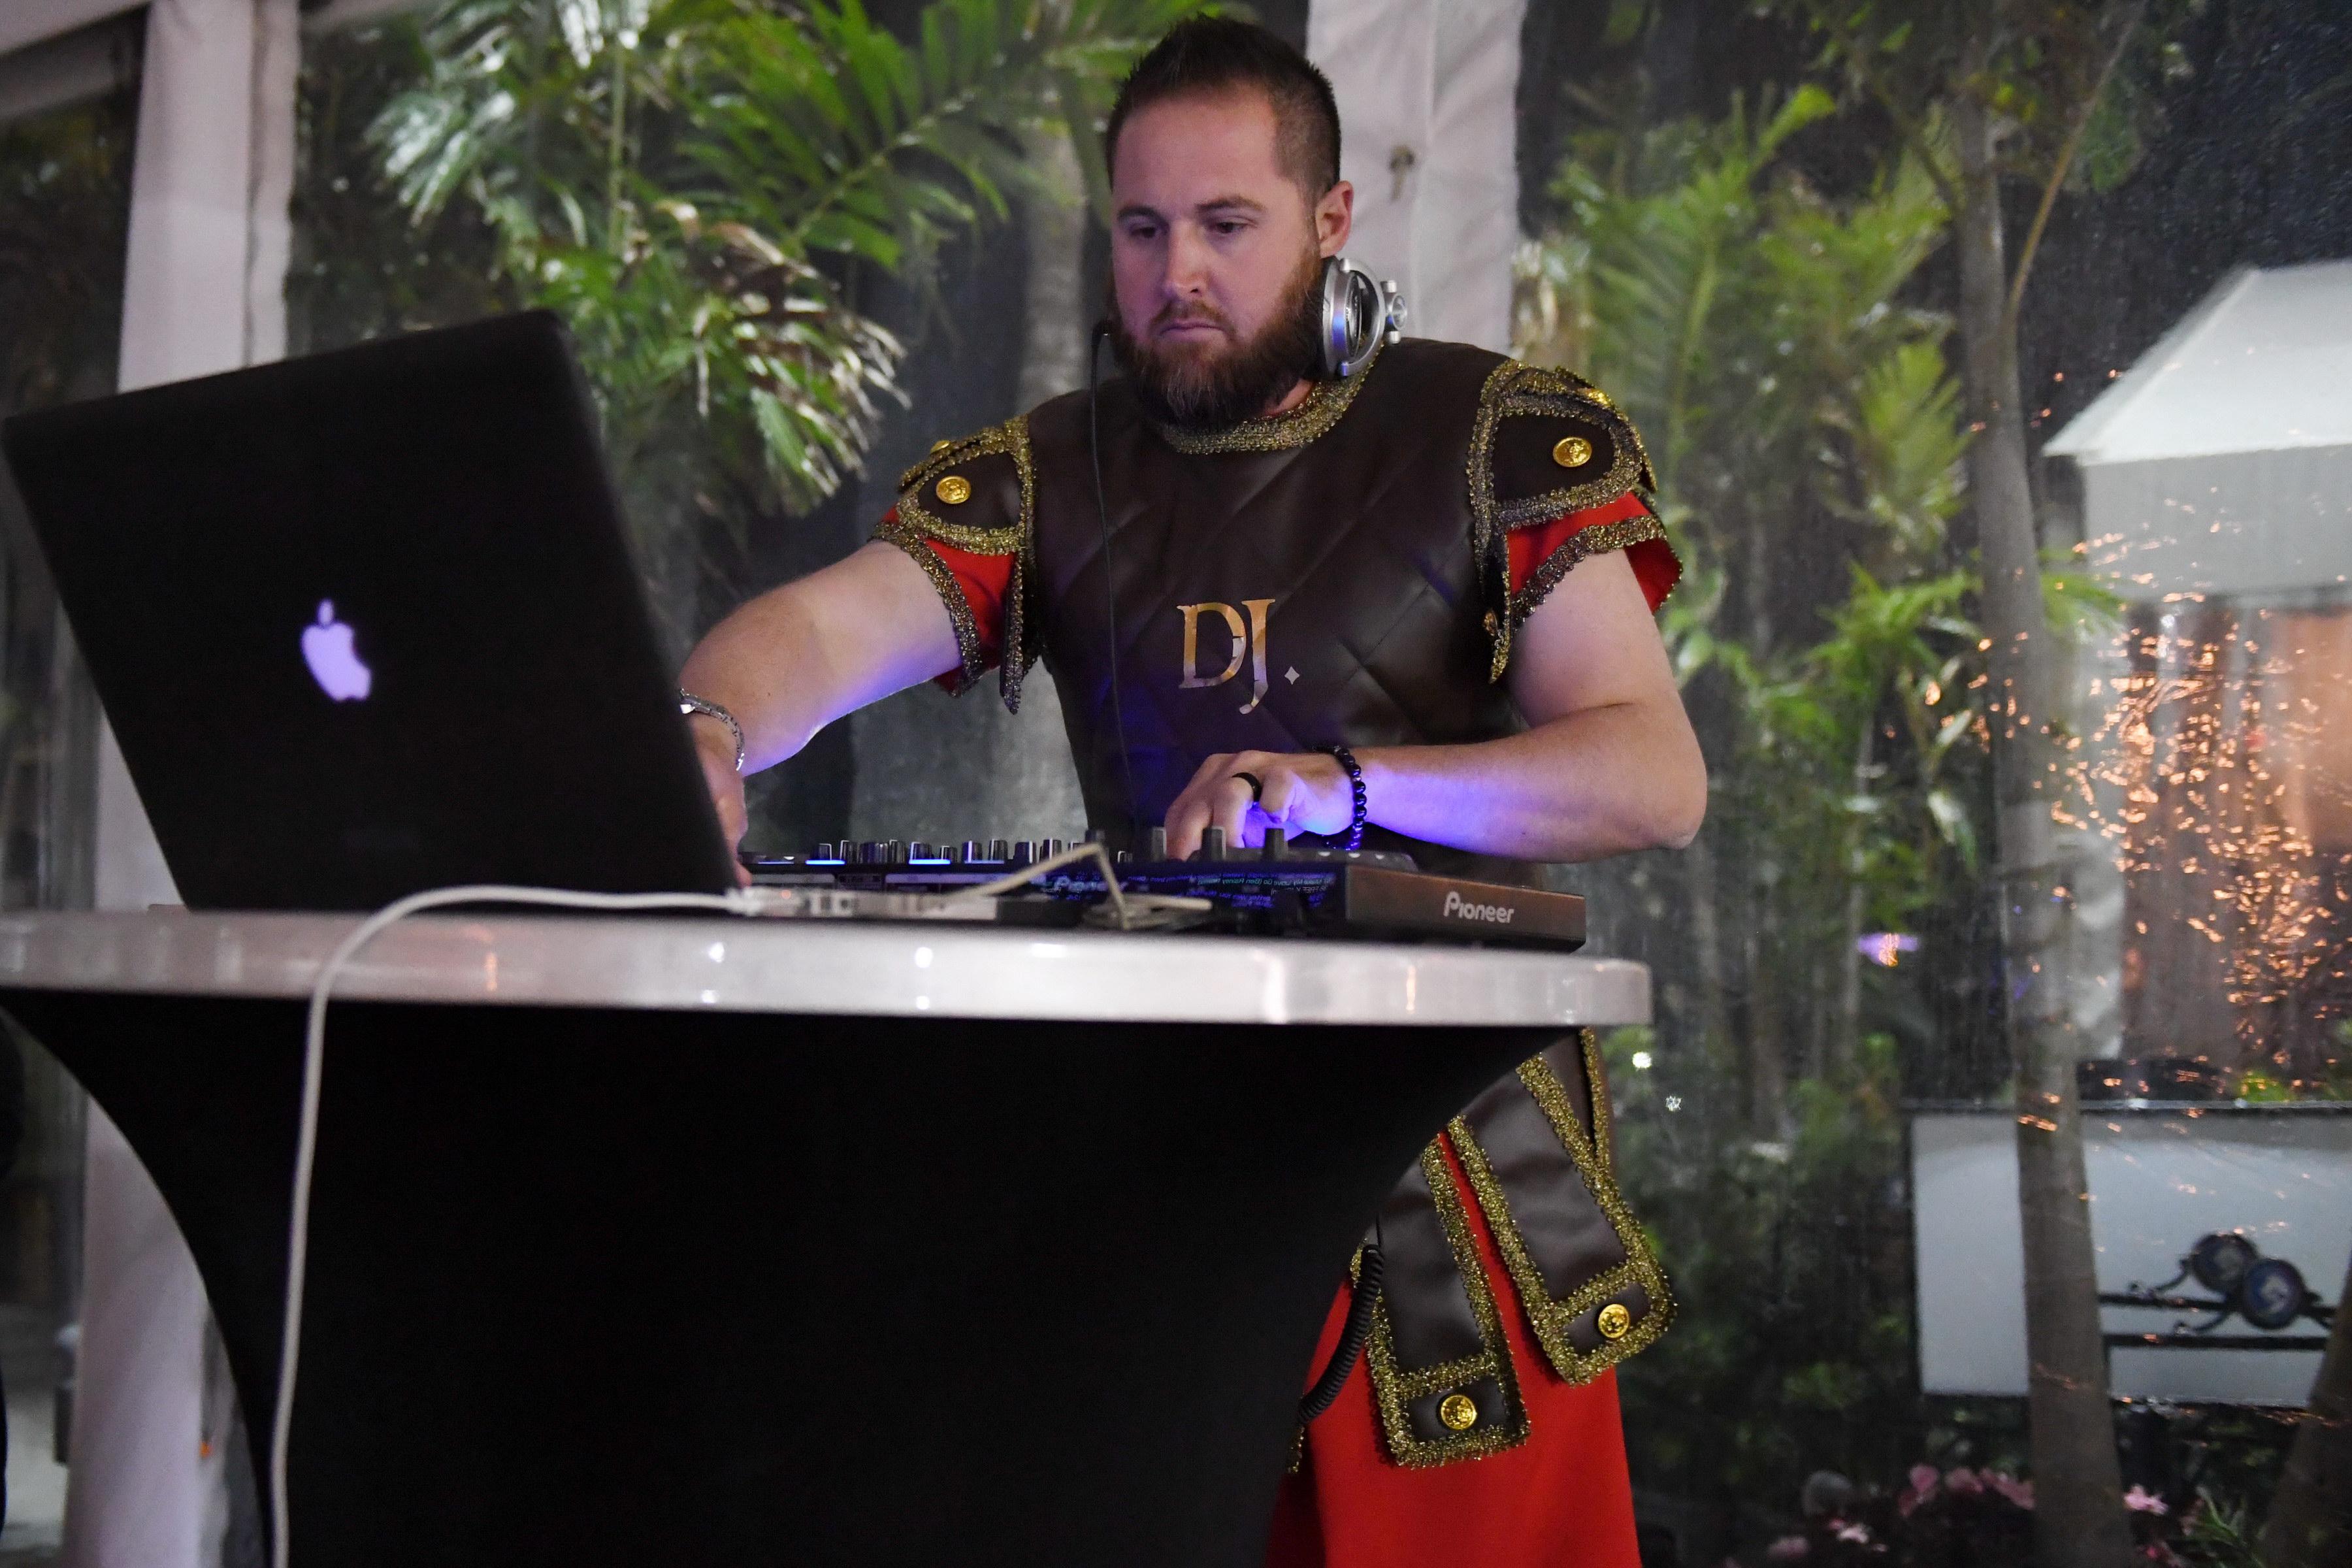 Gladiator DJ